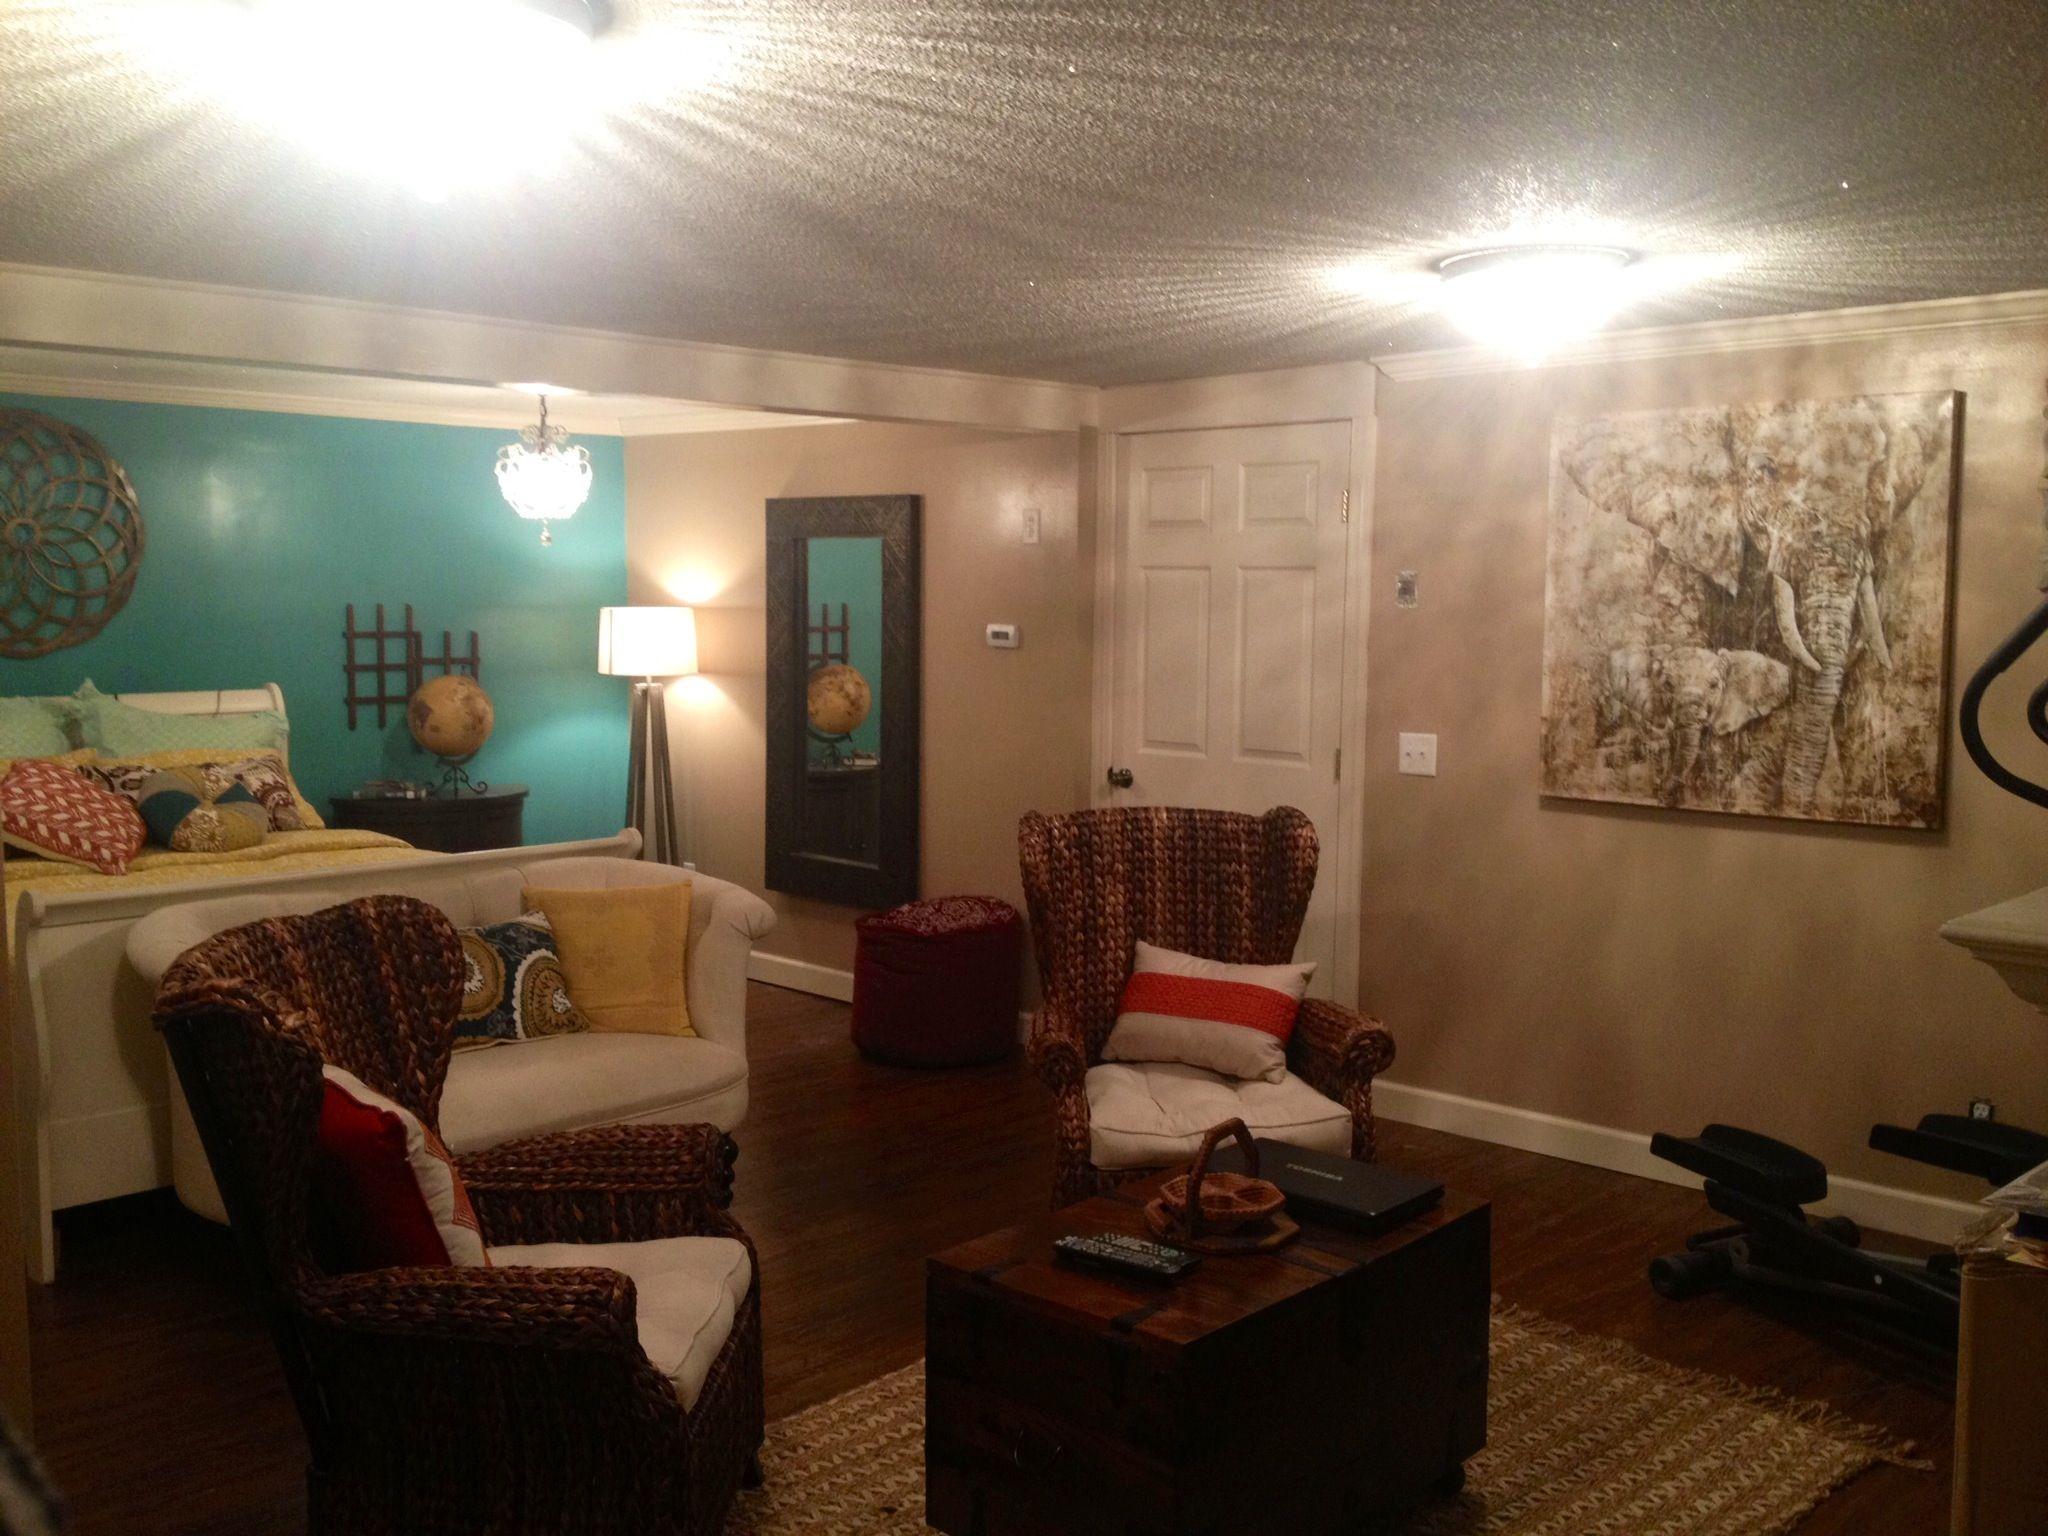 basement teen room   My Girls - Teen bedrooms   Pinterest ... on Teenager Basement Bedroom  id=15817